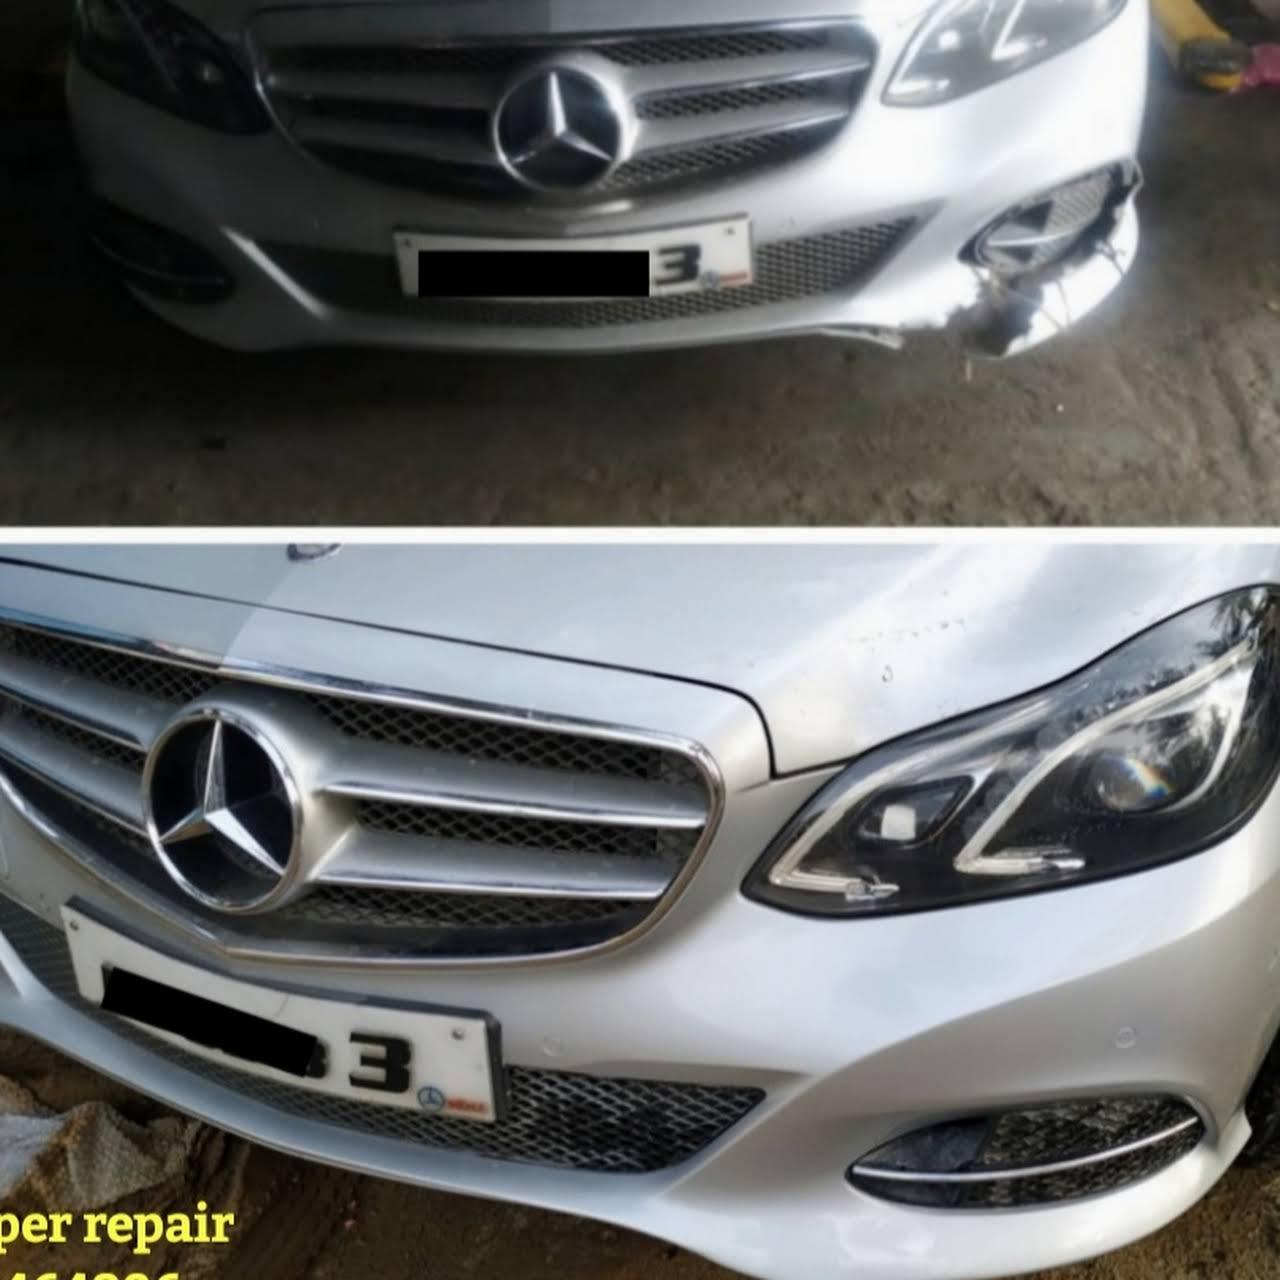 Car Painting Reasonable Price, Tinkering, Car Dent Repair